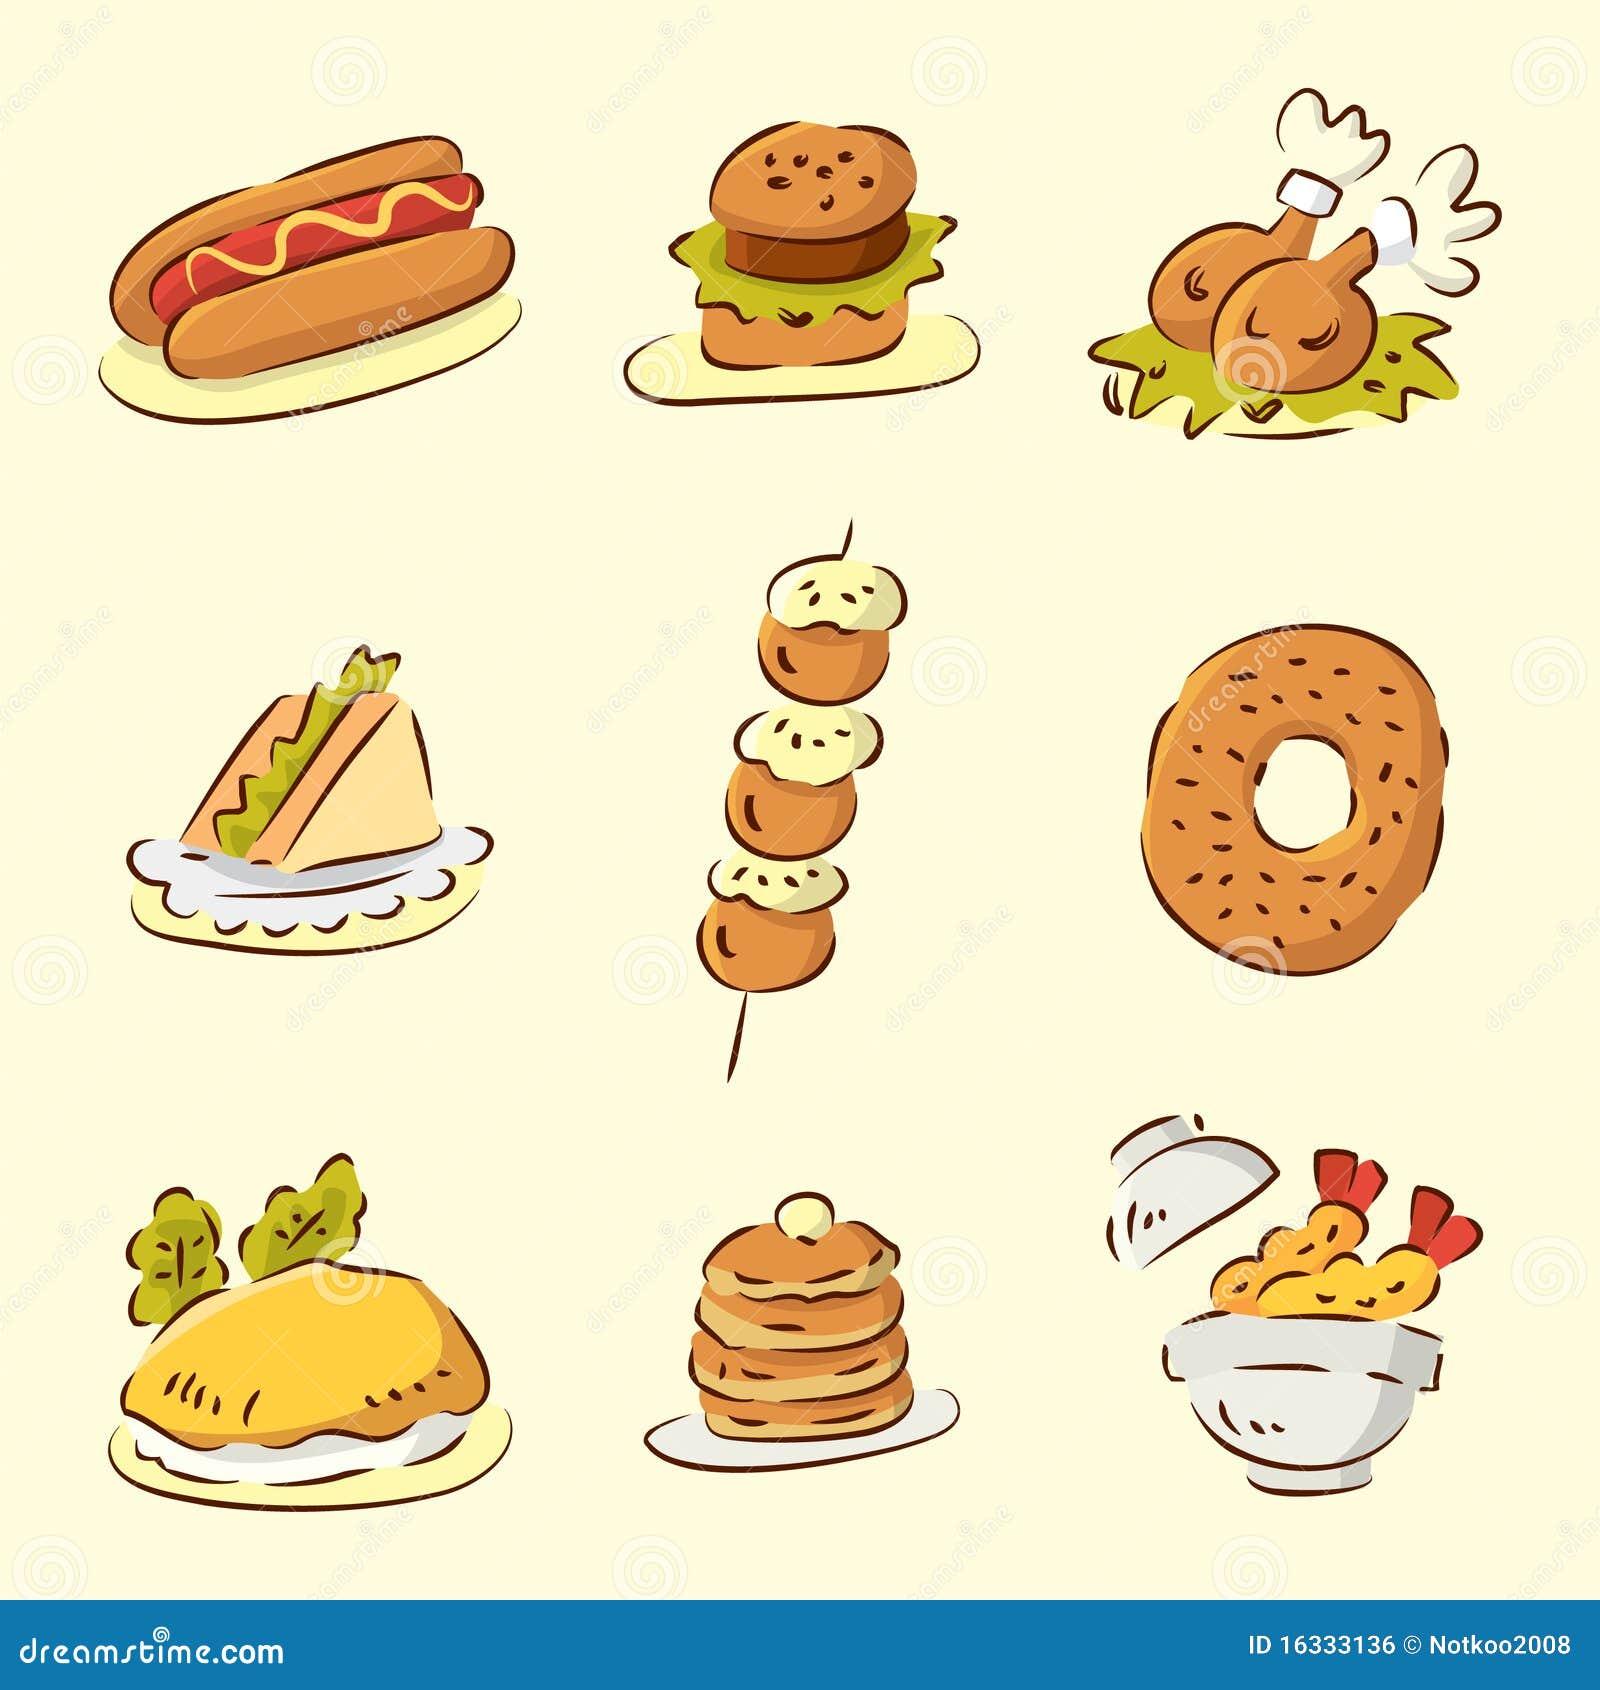 动漫 卡通 漫画 头像 1300_1390图片